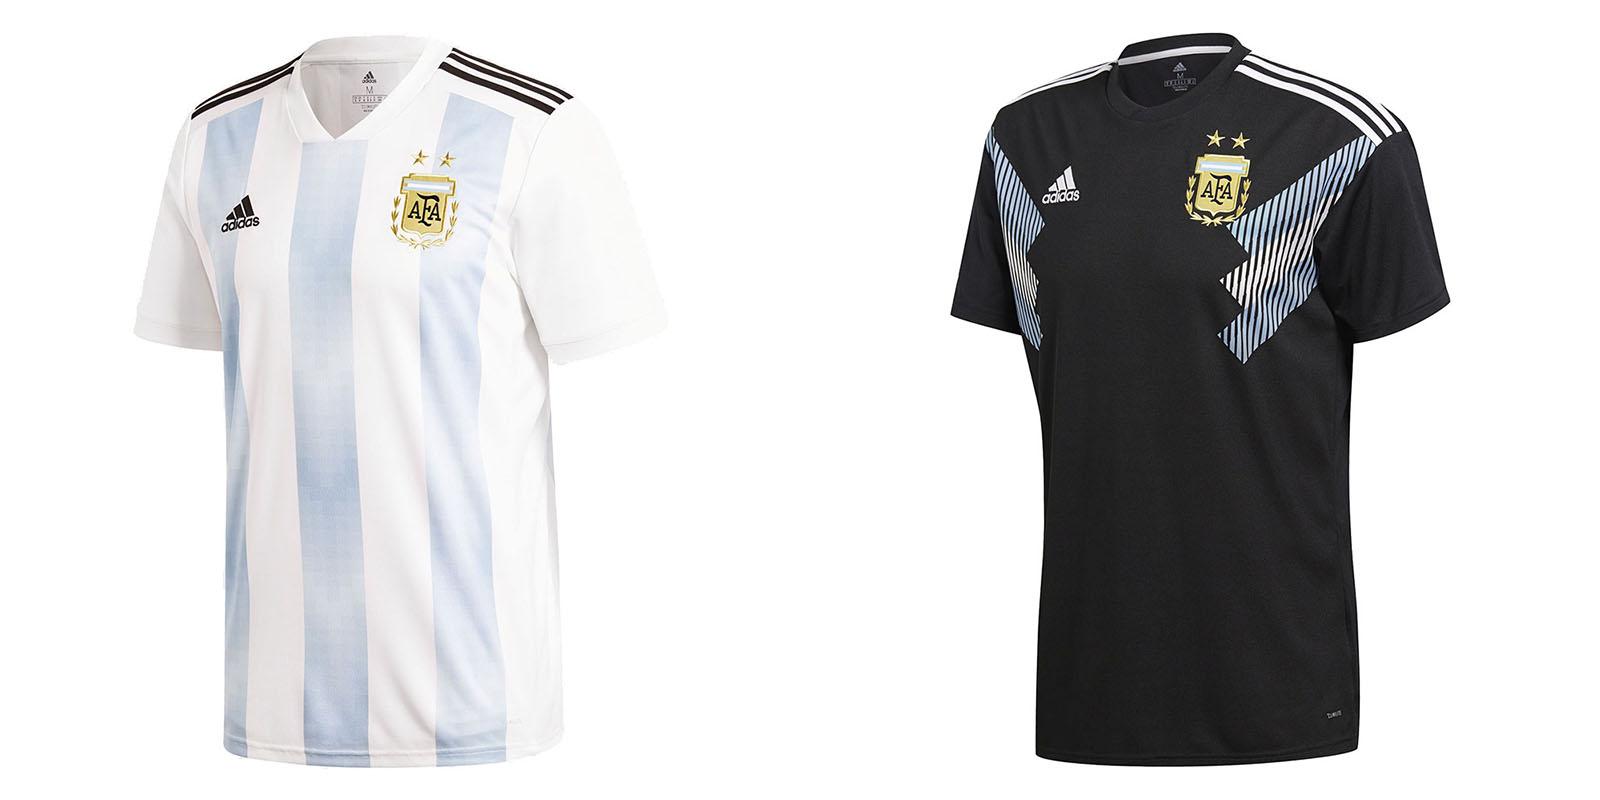 Форма сборной Aргентины на ЧМ2018